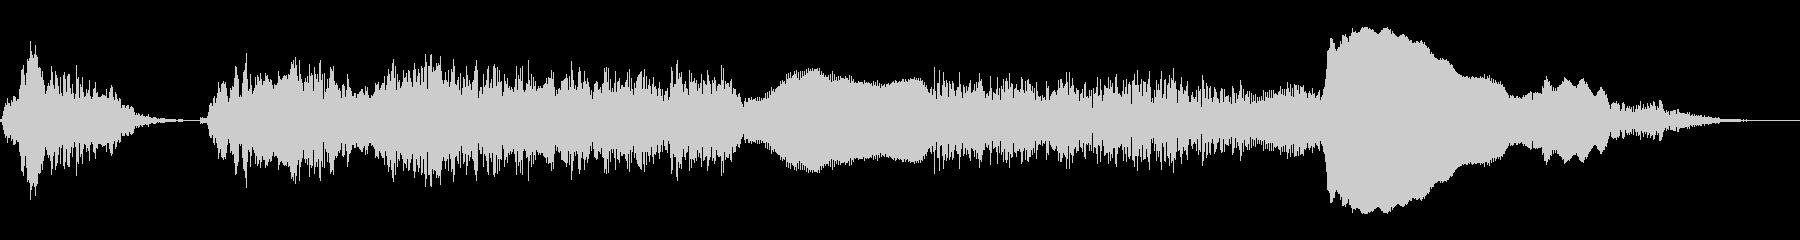 ニワトリの鳴き声(コケコッコー)の未再生の波形